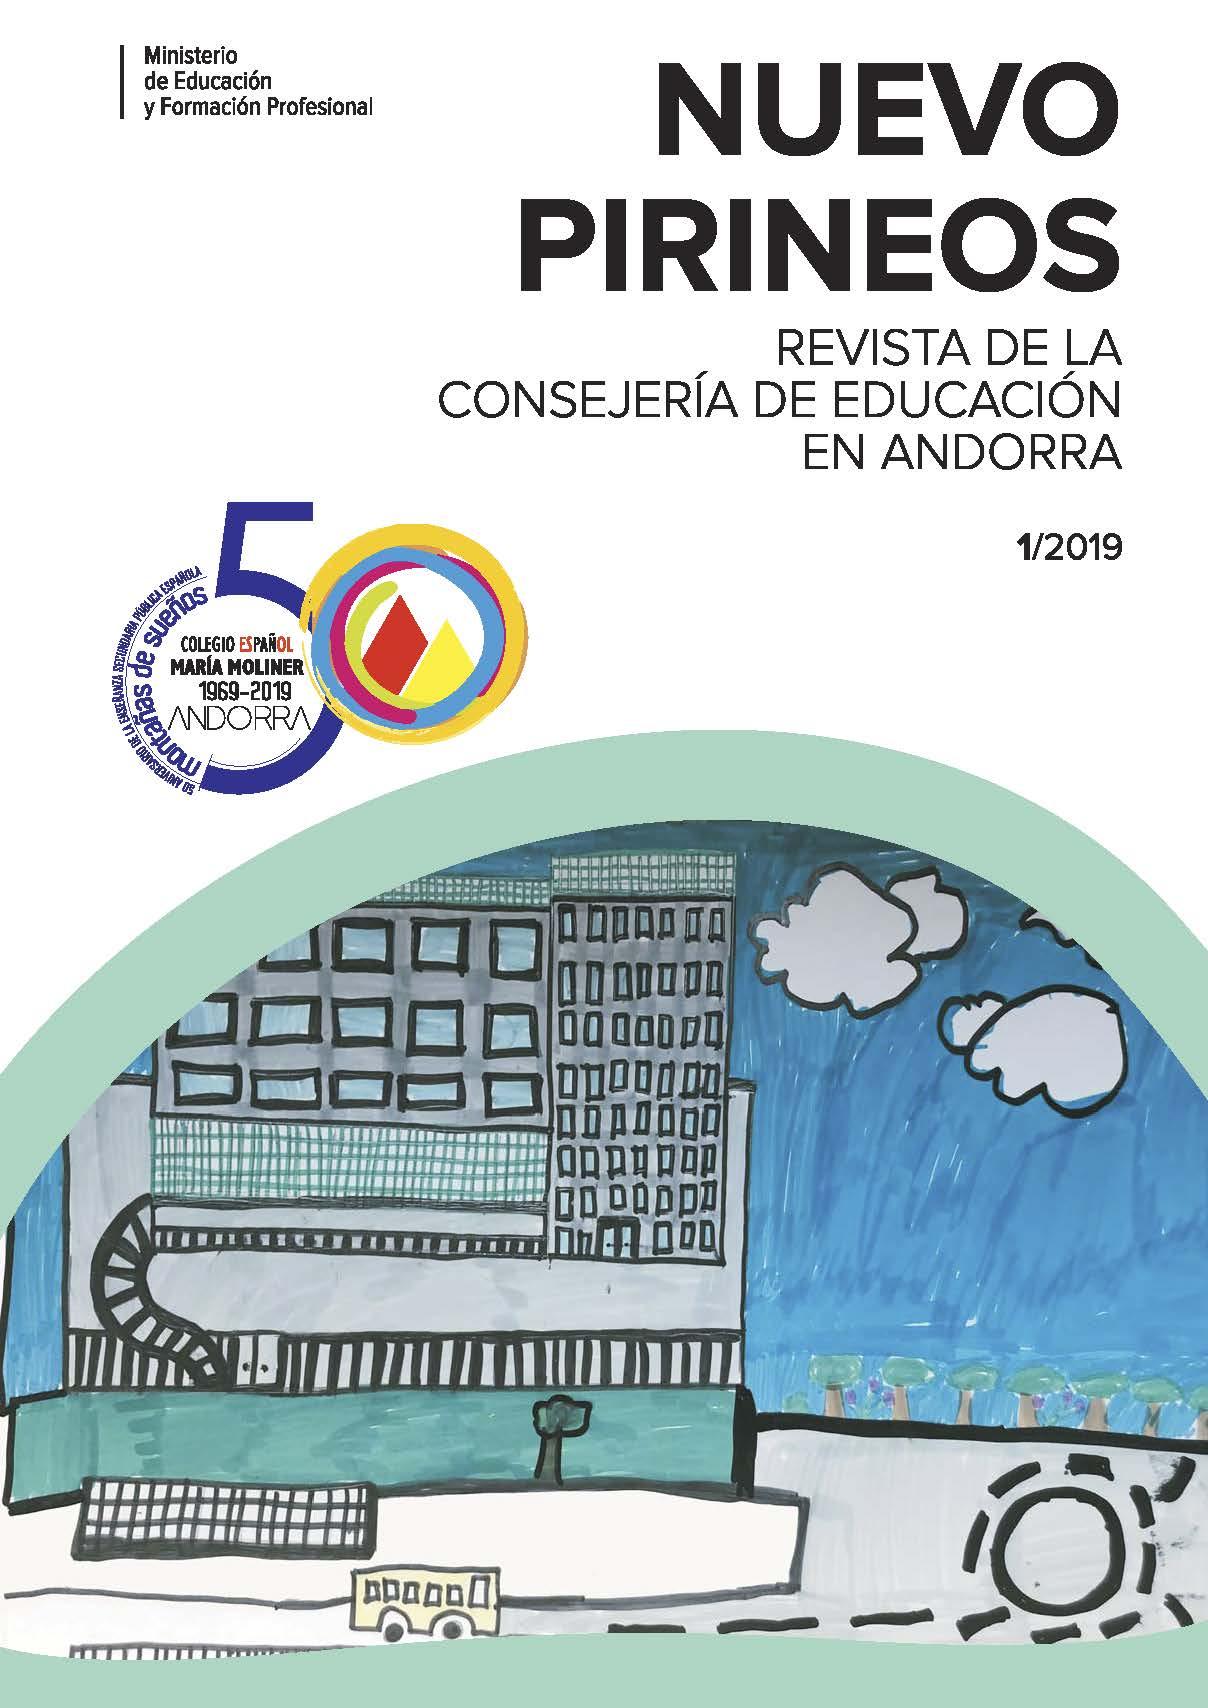 nuevo-pirineos-n12019-revista-de-la-consejeria-de-educacion-en-andorra